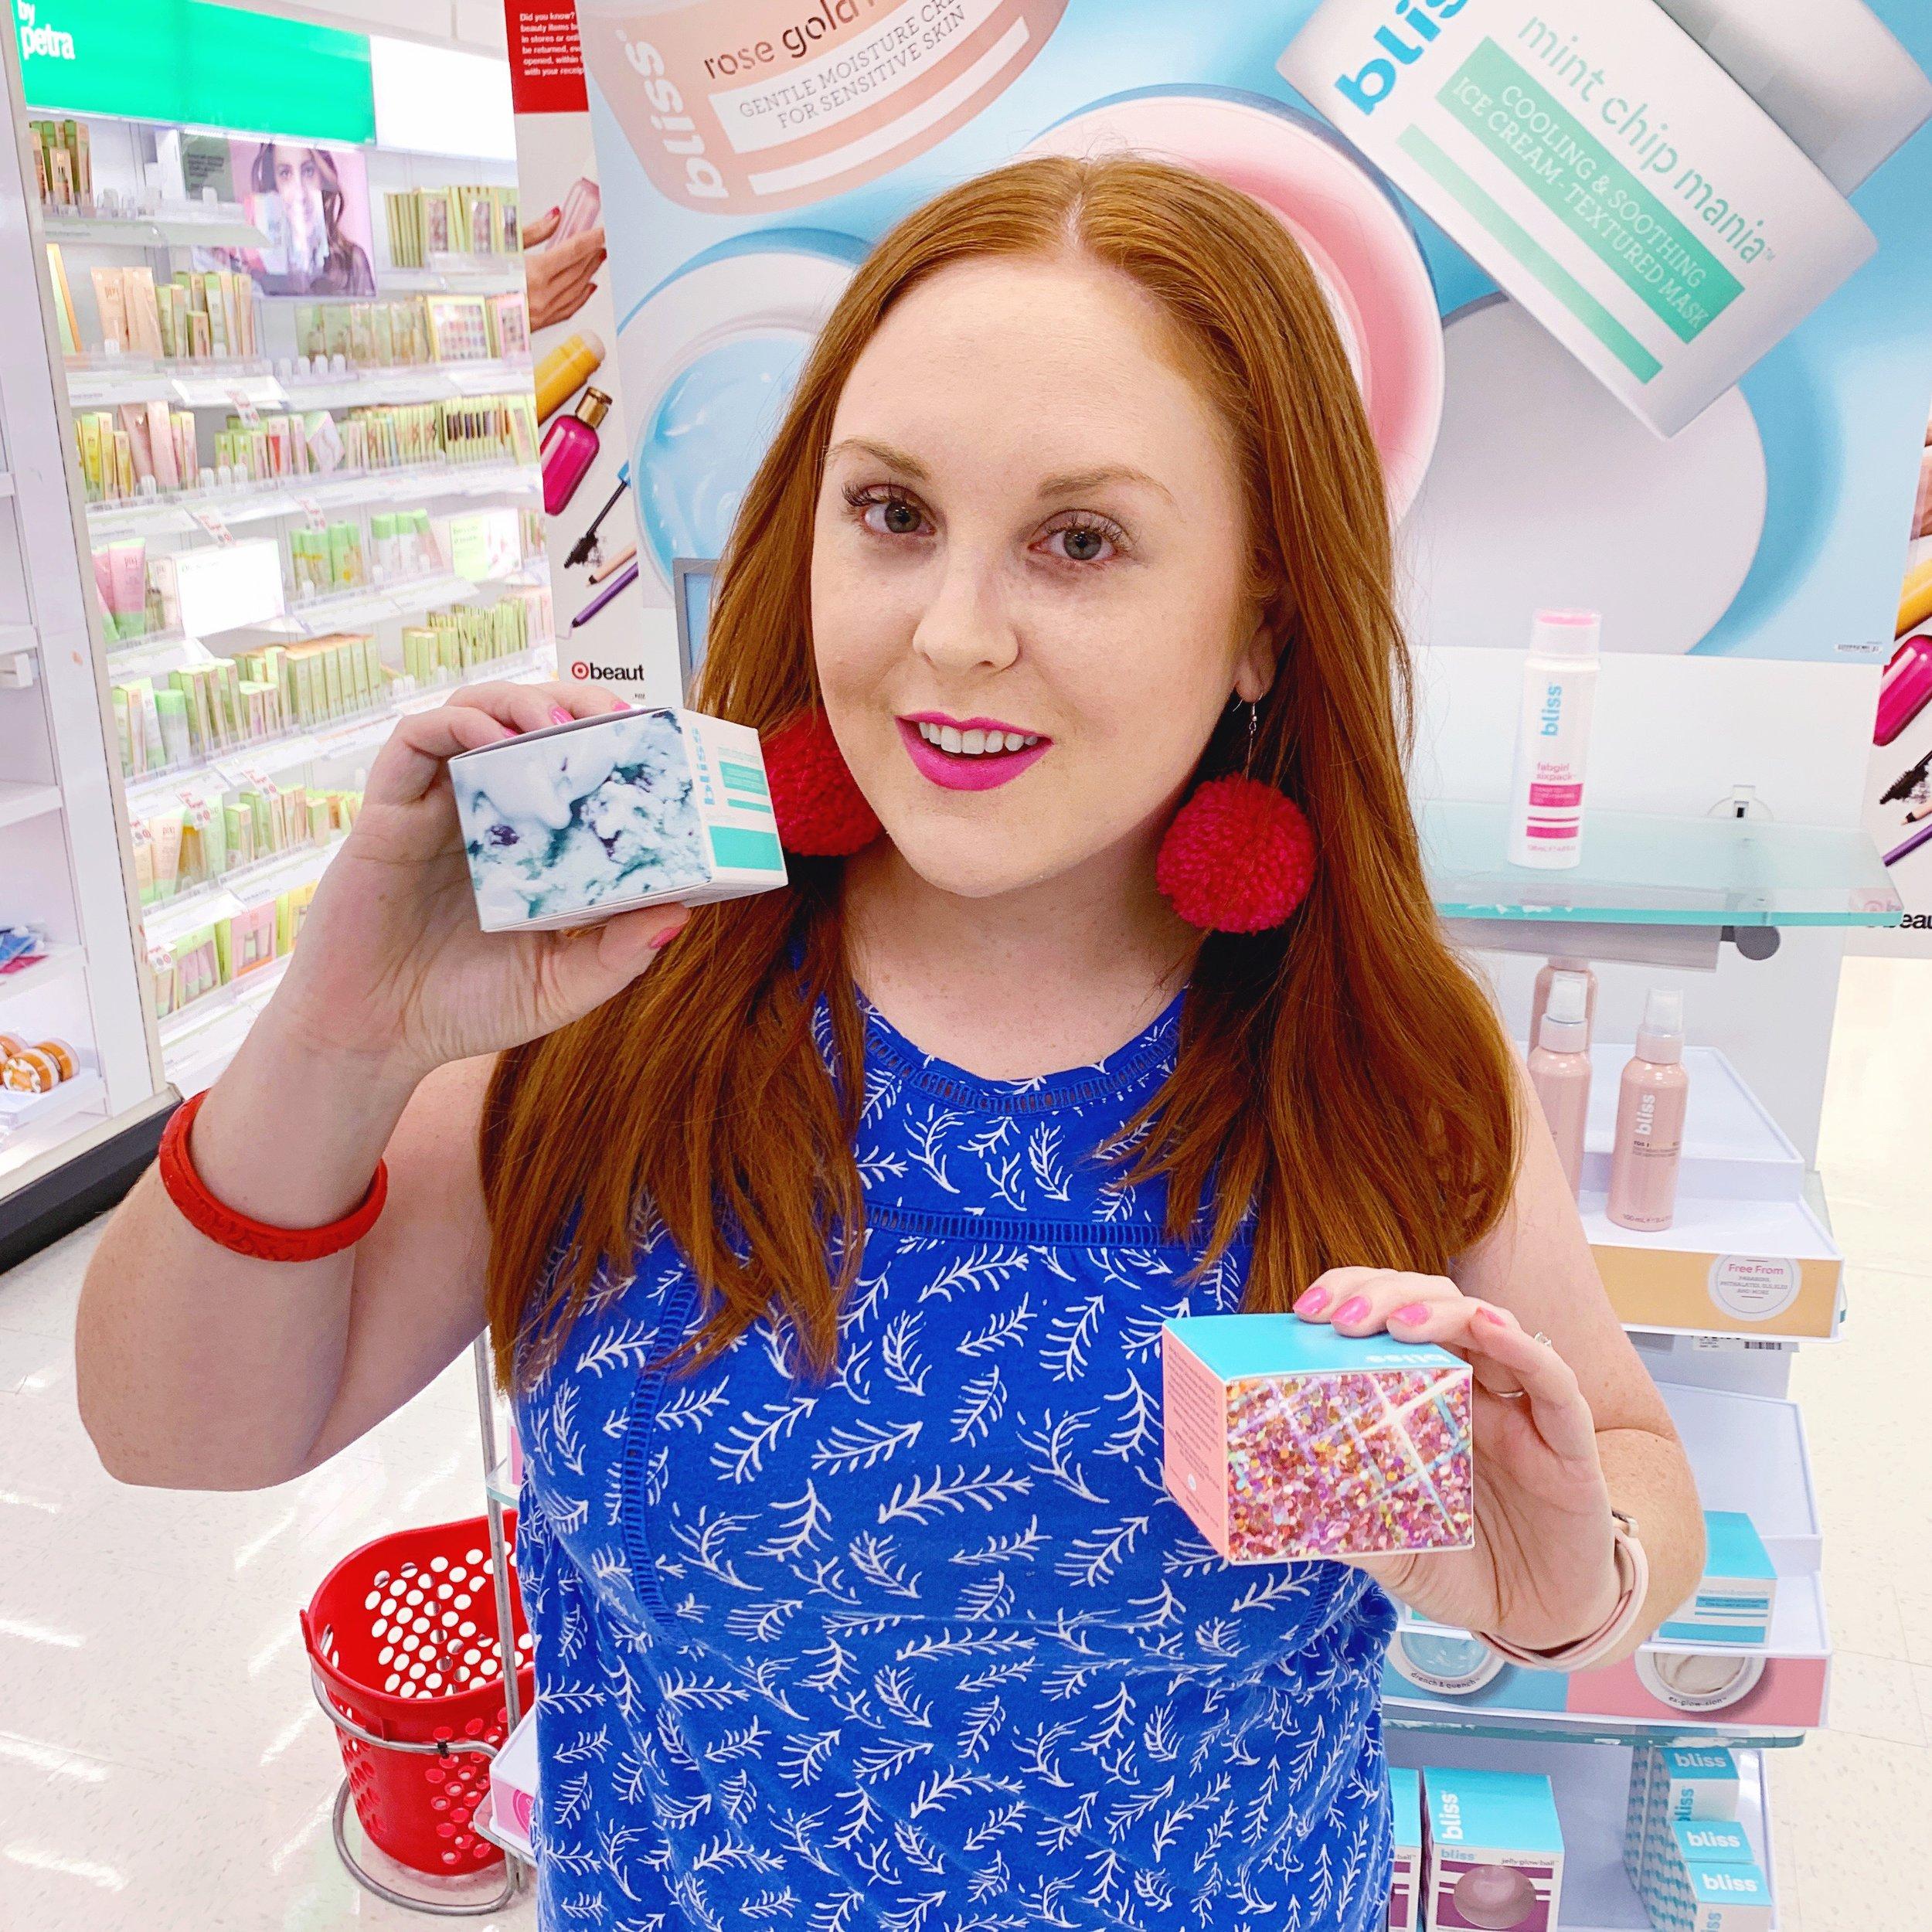 bliss-target-ginger-me-glam.jpg